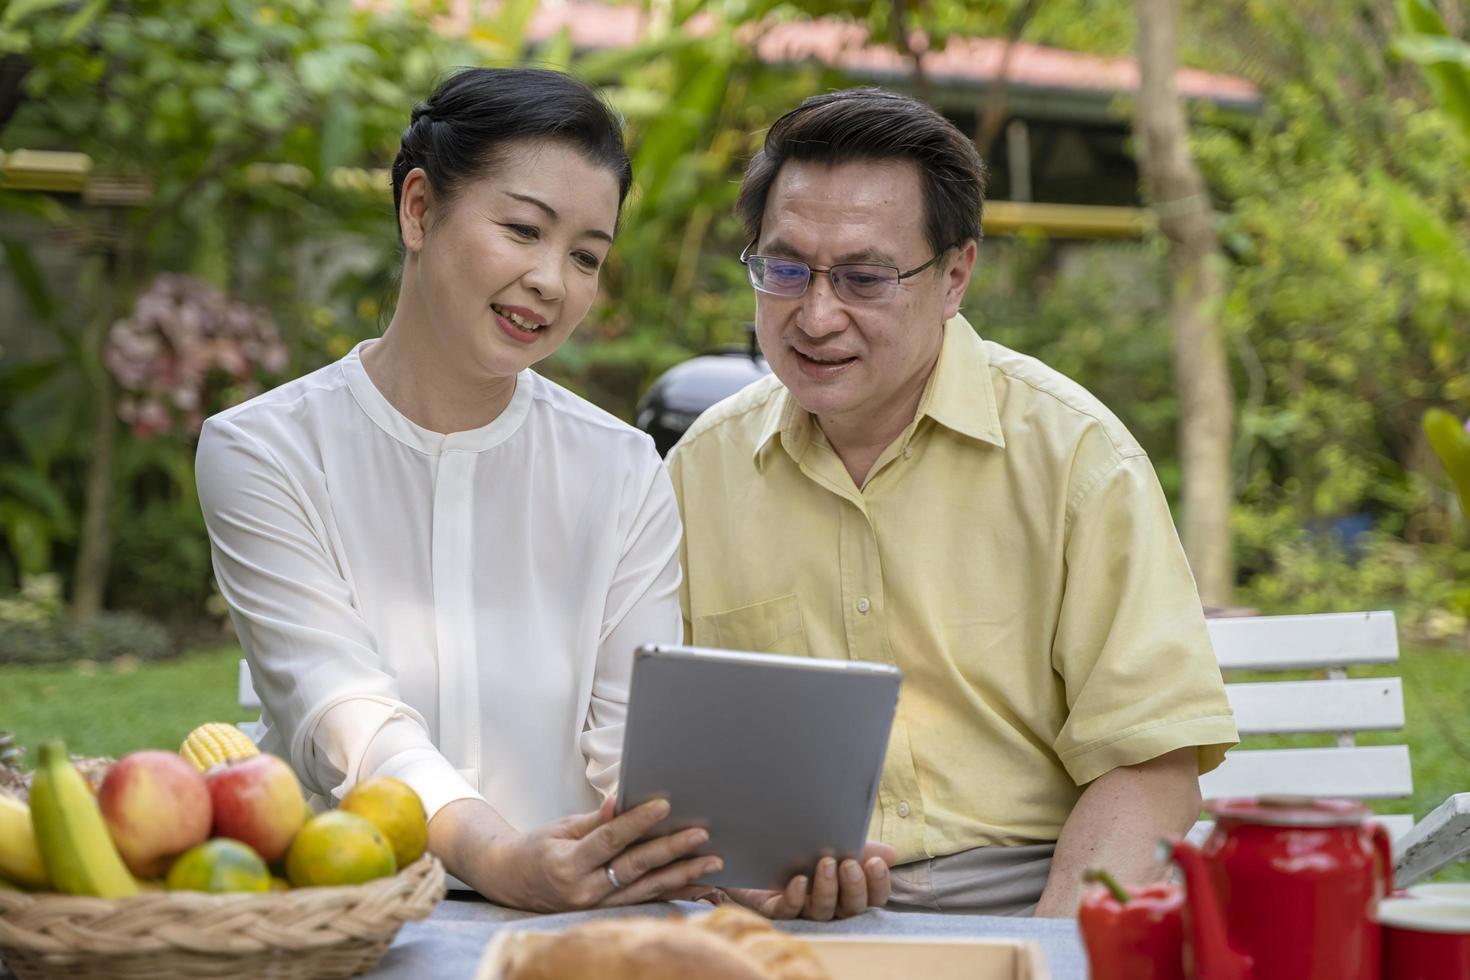 älteres Ehepaar sitzt draußen und beobachtet Tablet-Bildschirm foto